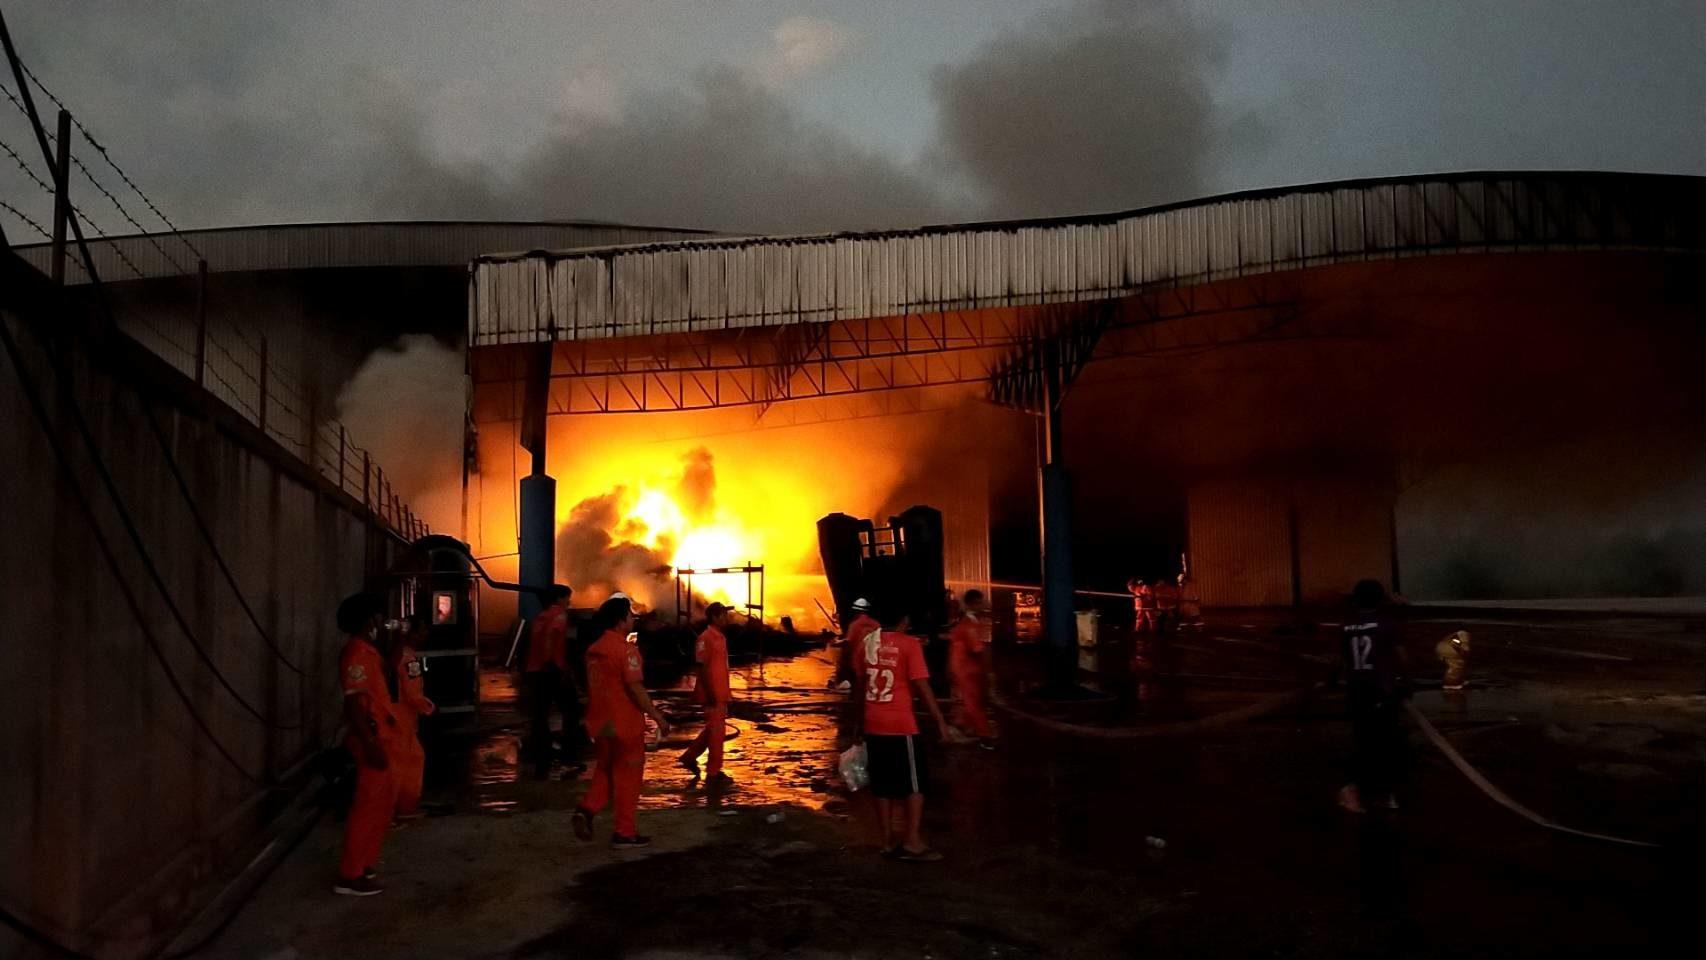 เกิดเหตุไฟไหม้โกดังเก็บมันสำปะหลัง-ยางรถยนต์ที่โคราช เสียหายหลายล้าน